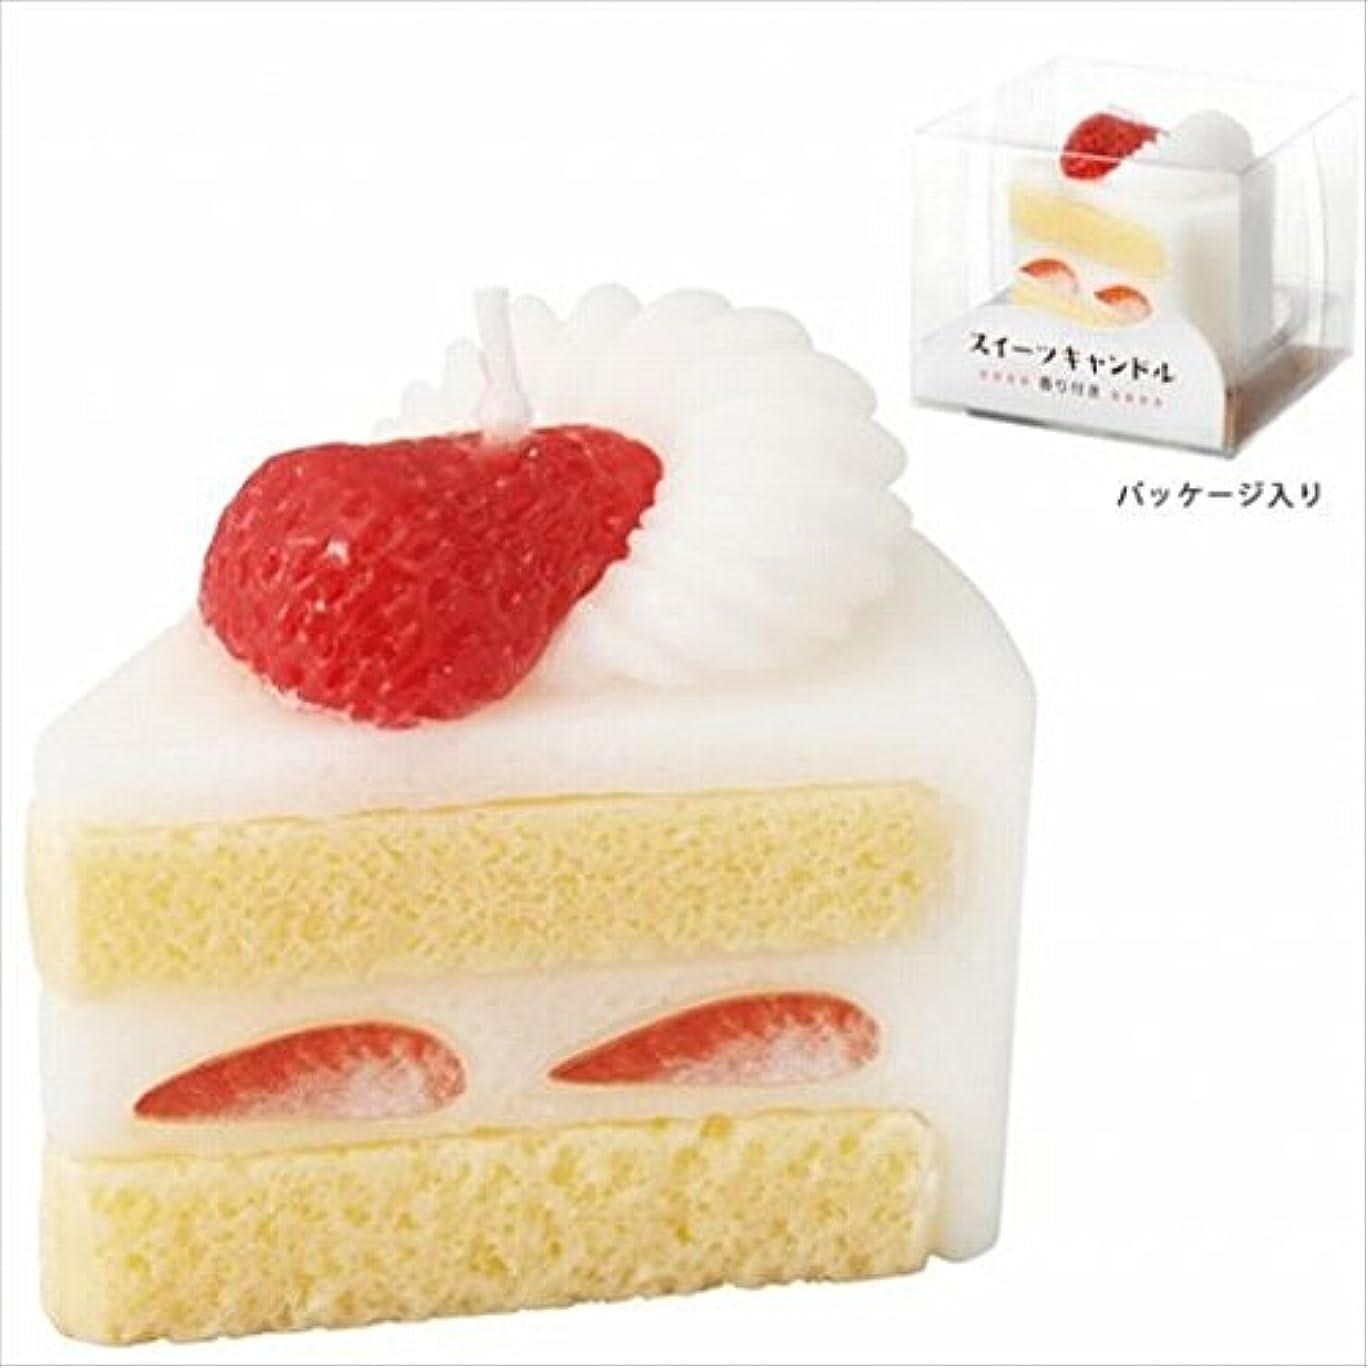 優しさ浴ログヤンキーキャンドル( YANKEE CANDLE ) スイーツキャンドル ショートケーキ